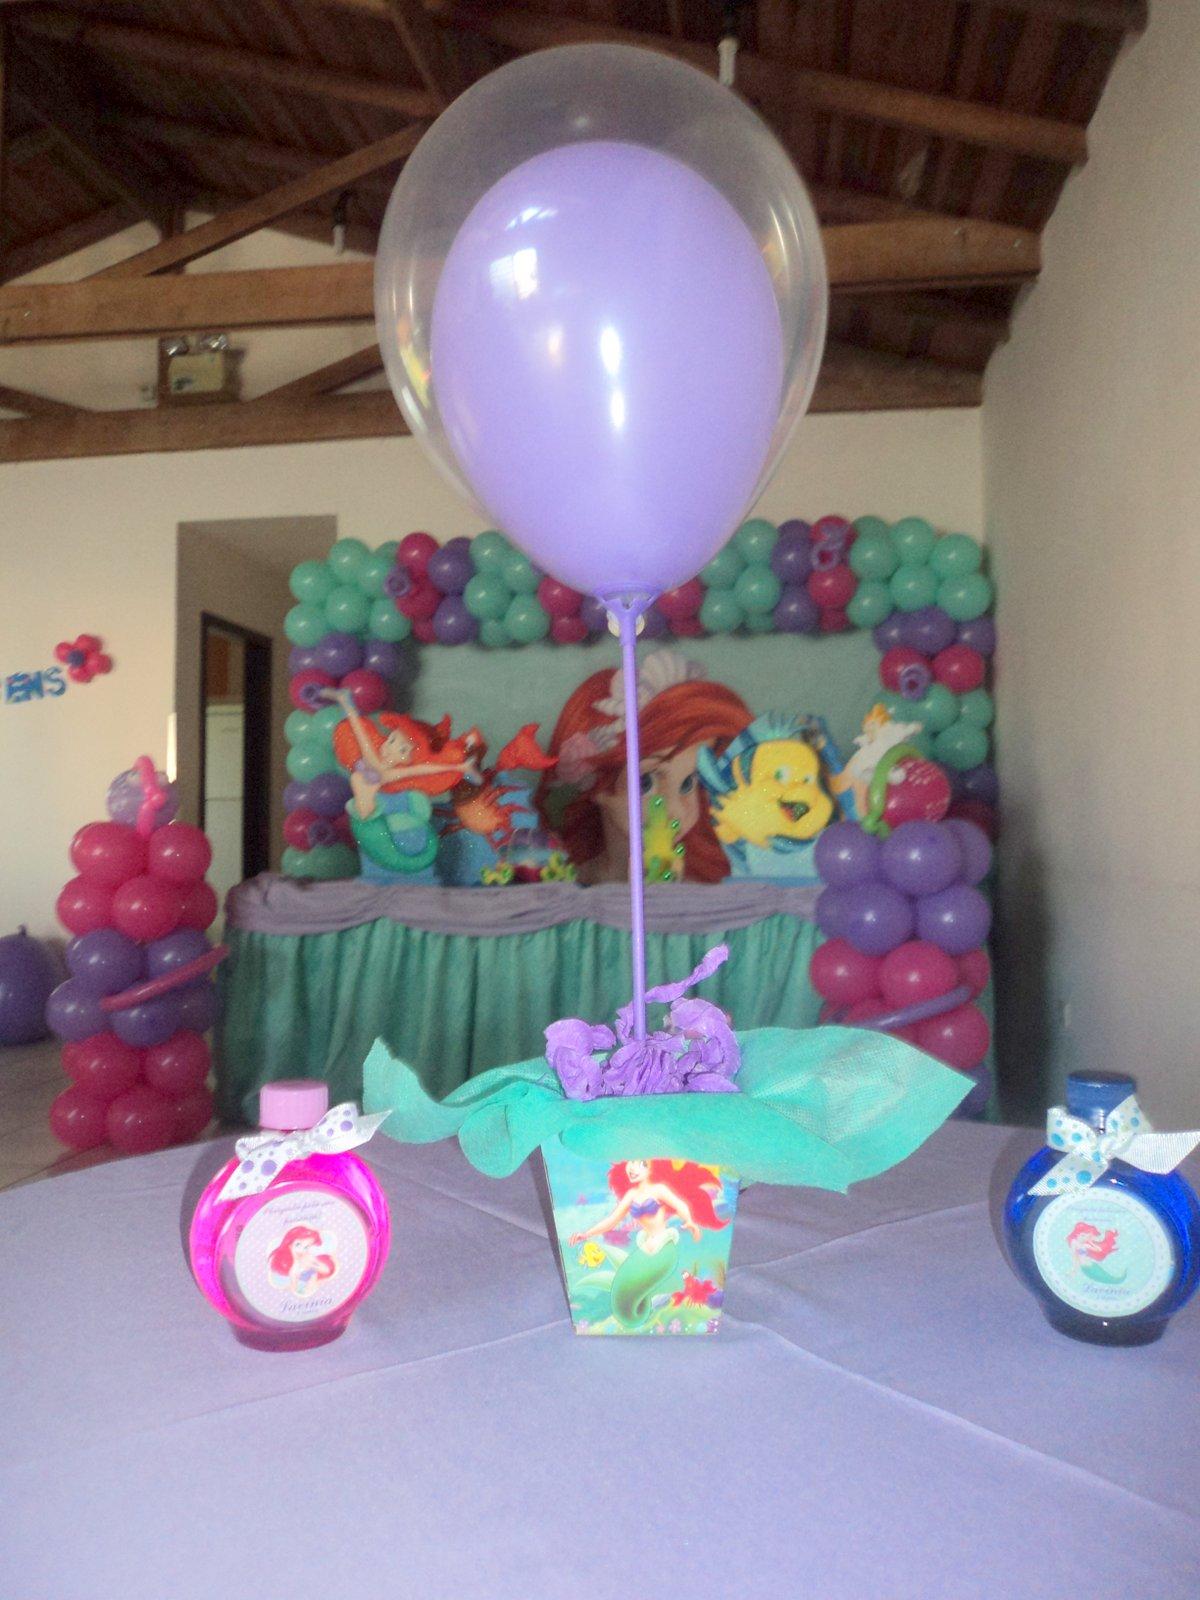 Brinque e arte decoraç u00e3o com balões DECORA u00c7ÃO TEMA ARIEL PEQUENA SEREIA